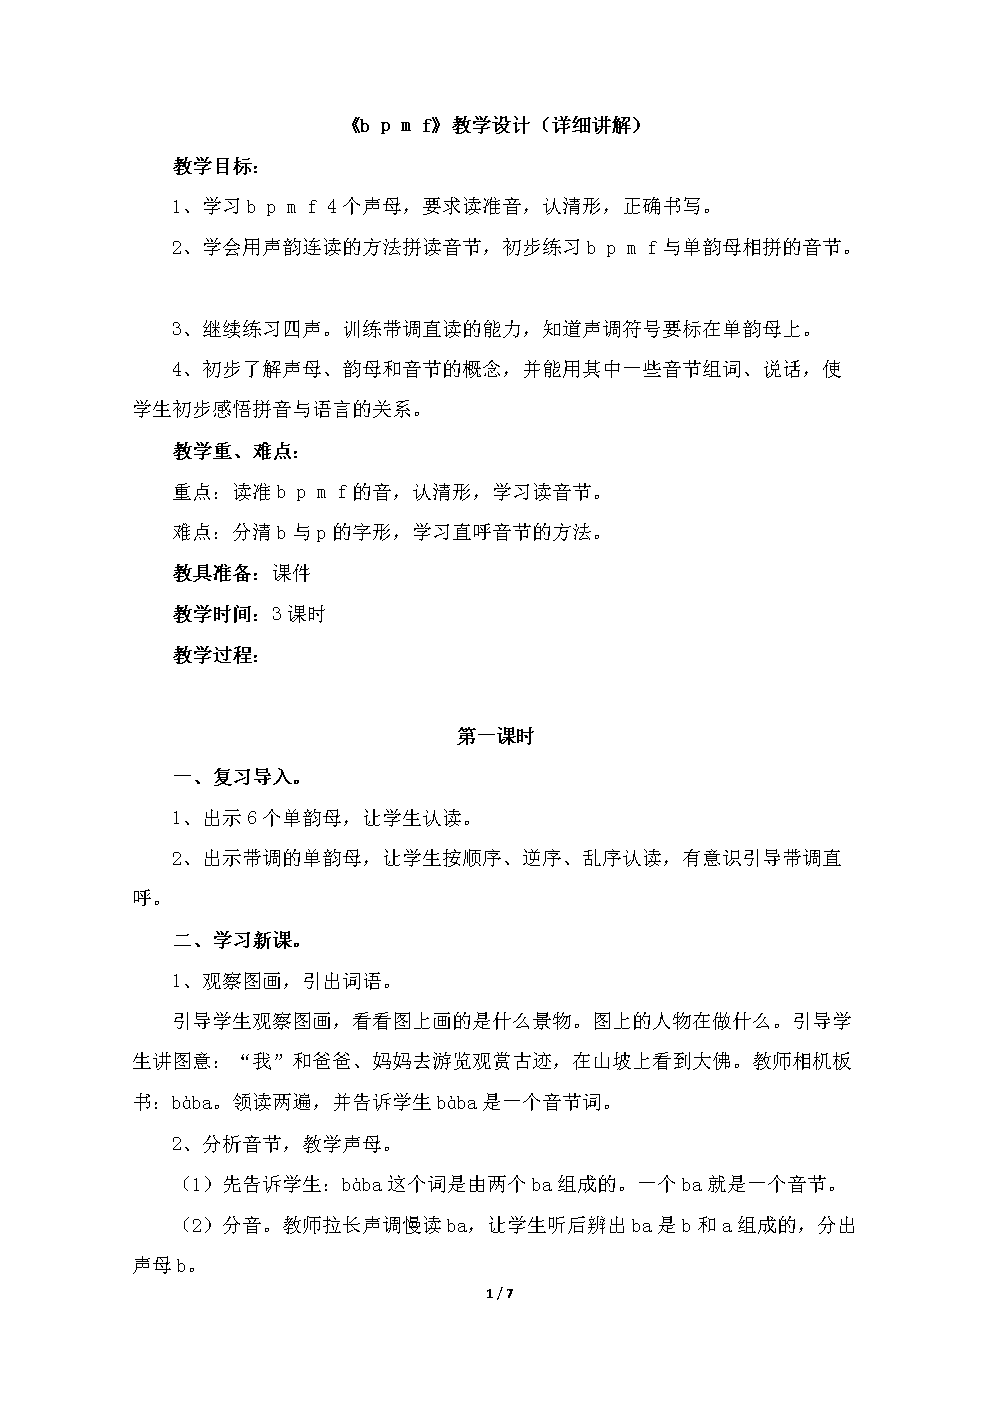 小学一年级语文上册《b_p_m_f》教学设计(详细讲解)(苏教版).doc